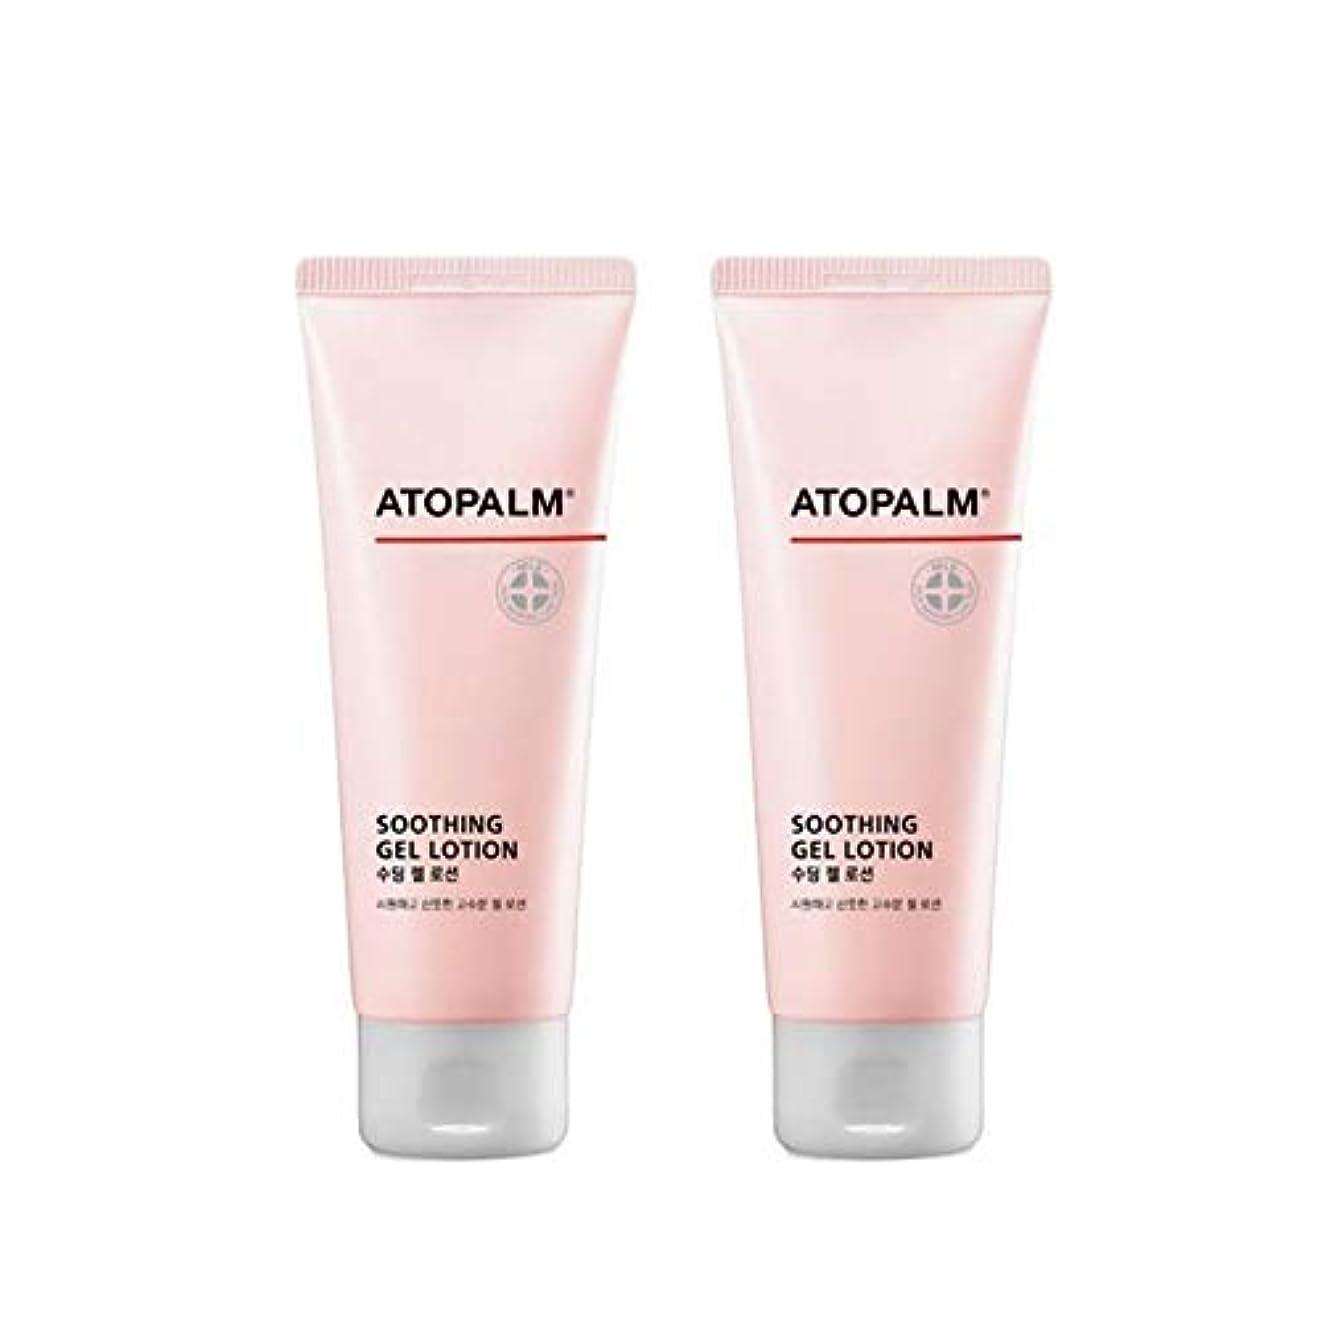 転送とげのある虫アトパムスディンジェルローション120mlx2本セットベビーローション韓国コスメ、Atopalm Soothing Gel Lotion 120ml x 2ea Set Baby Lotion Korean Cosmetics...